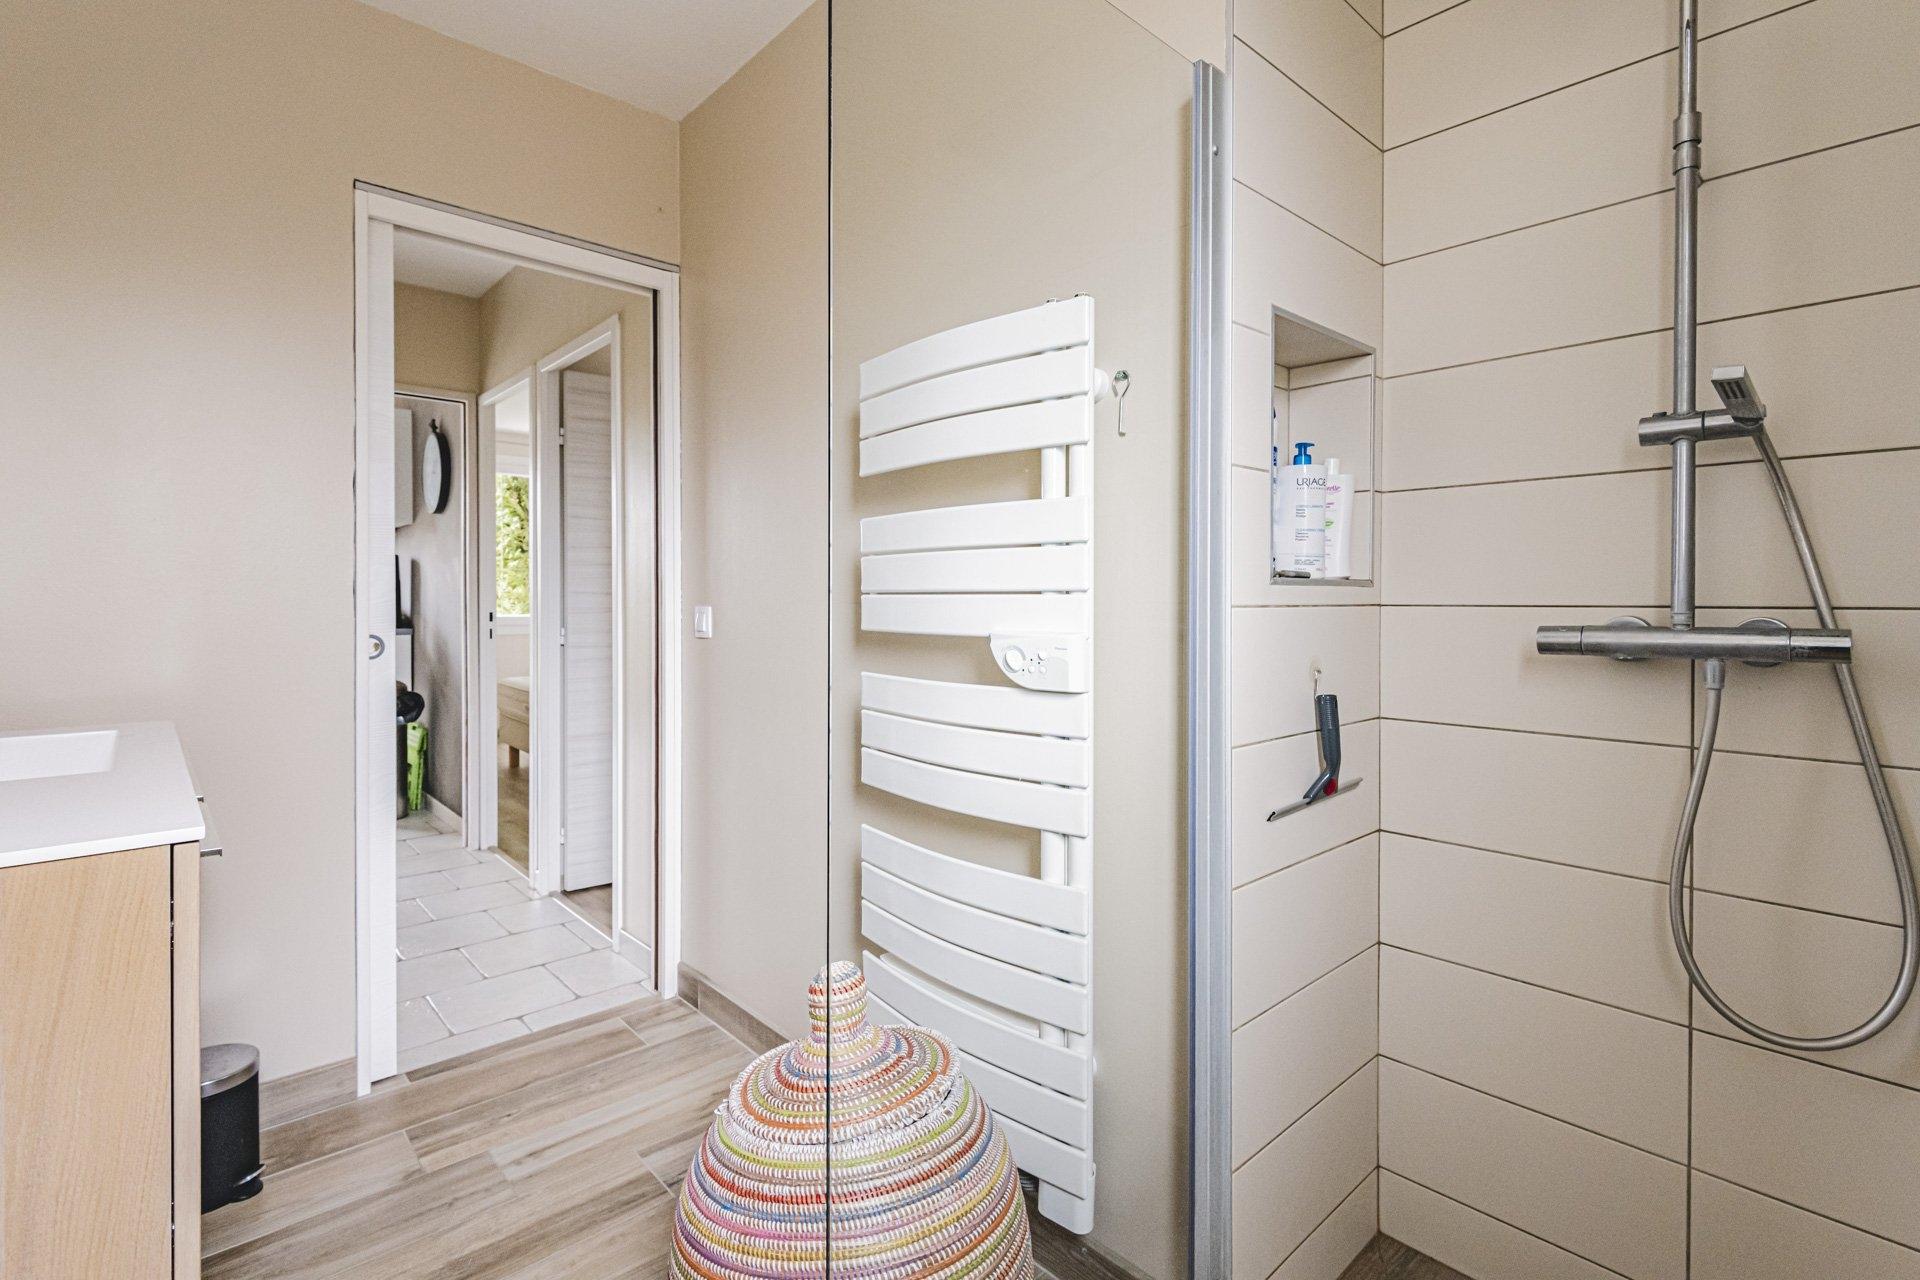 Maison Bouleuse 6 Pièces 140 m2 - 11